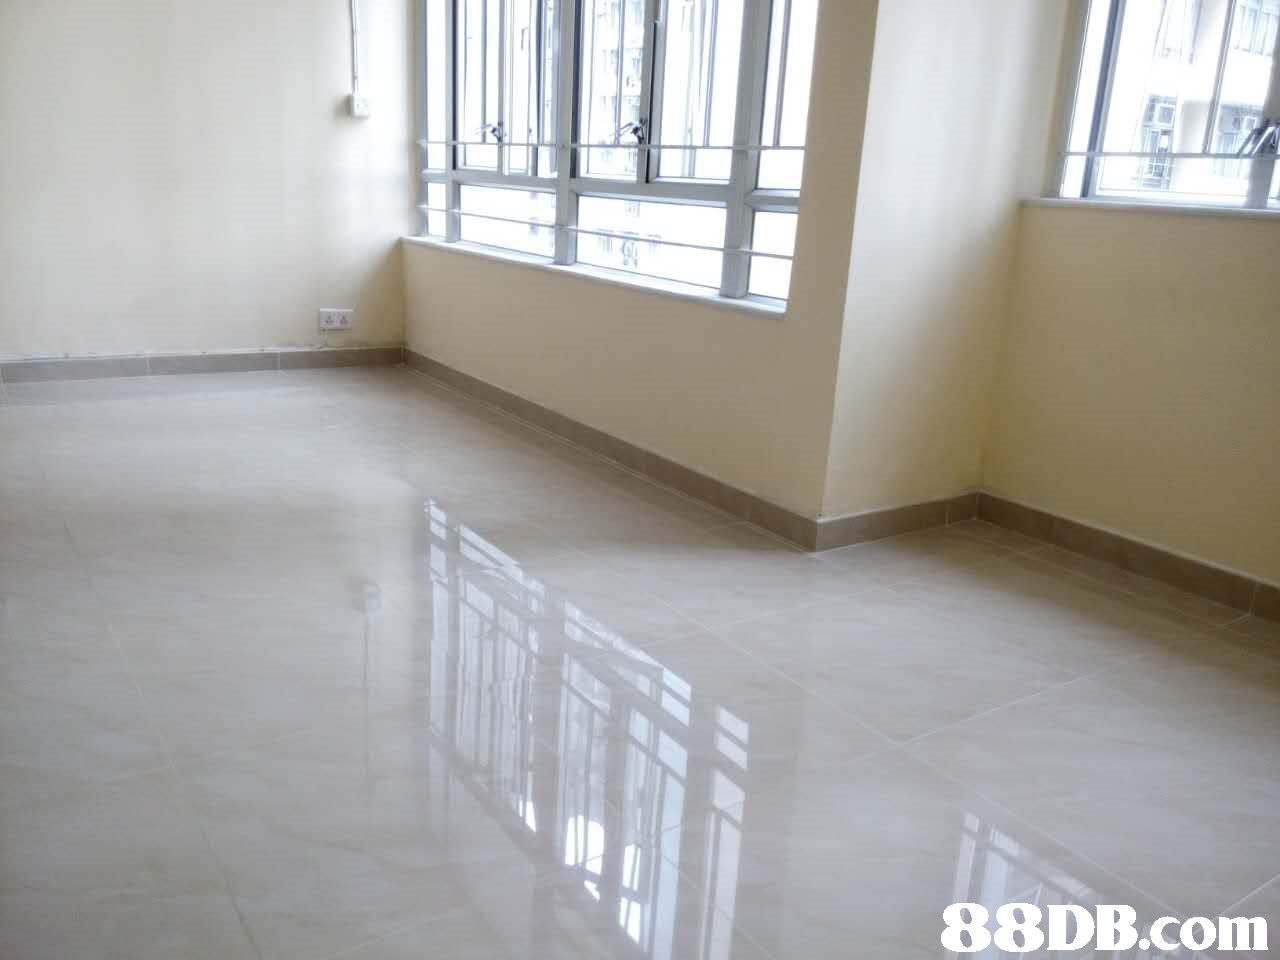 믹|   property,floor,flooring,real estate,tile